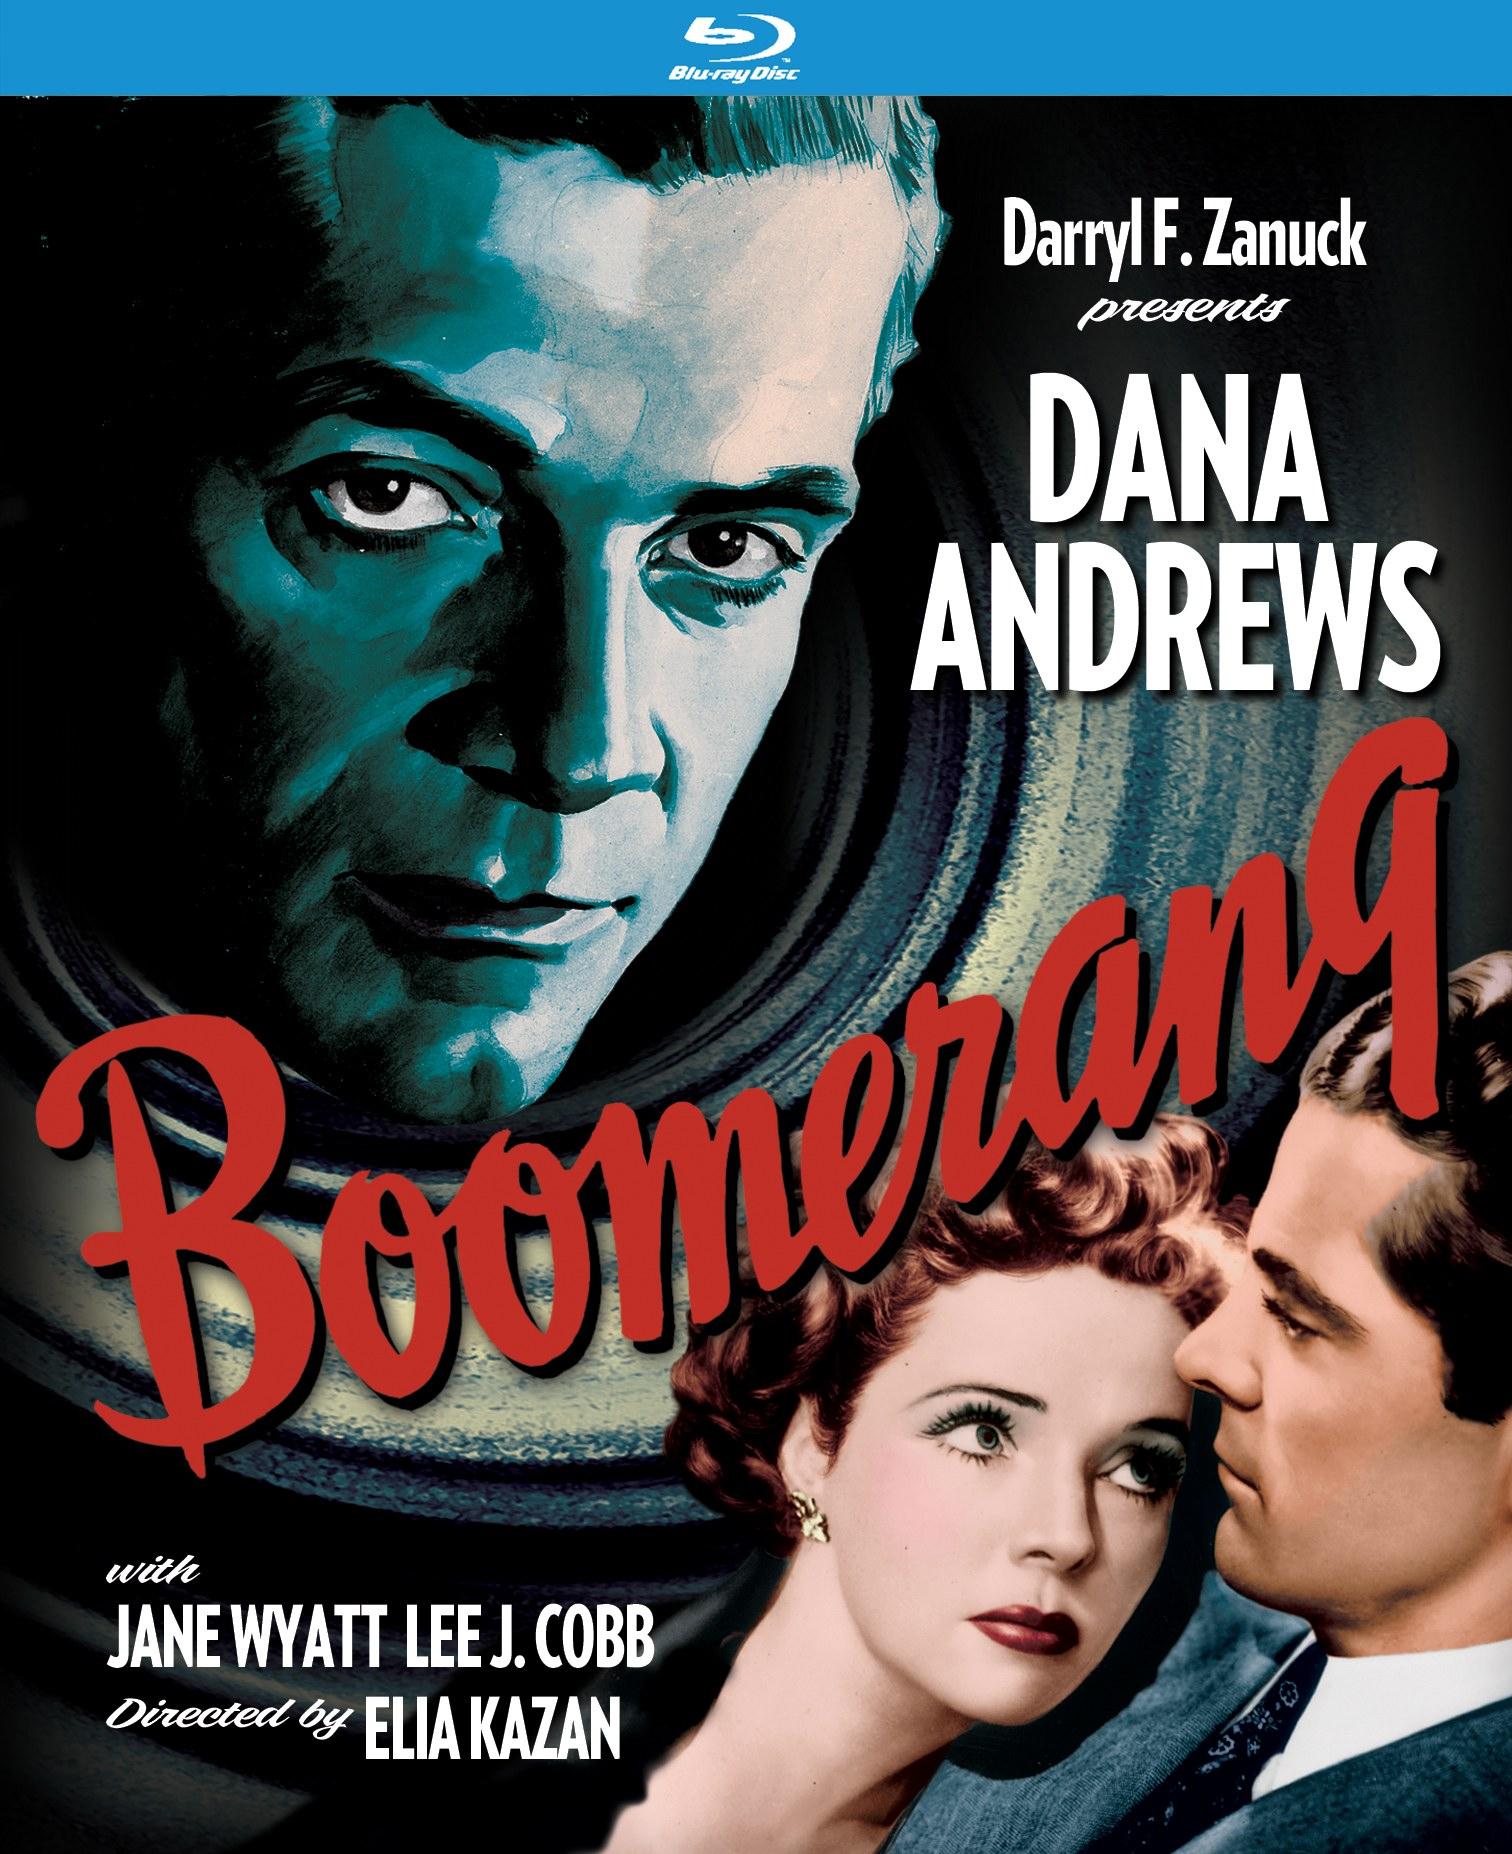 Boomerang! [blu-ray] 32146715